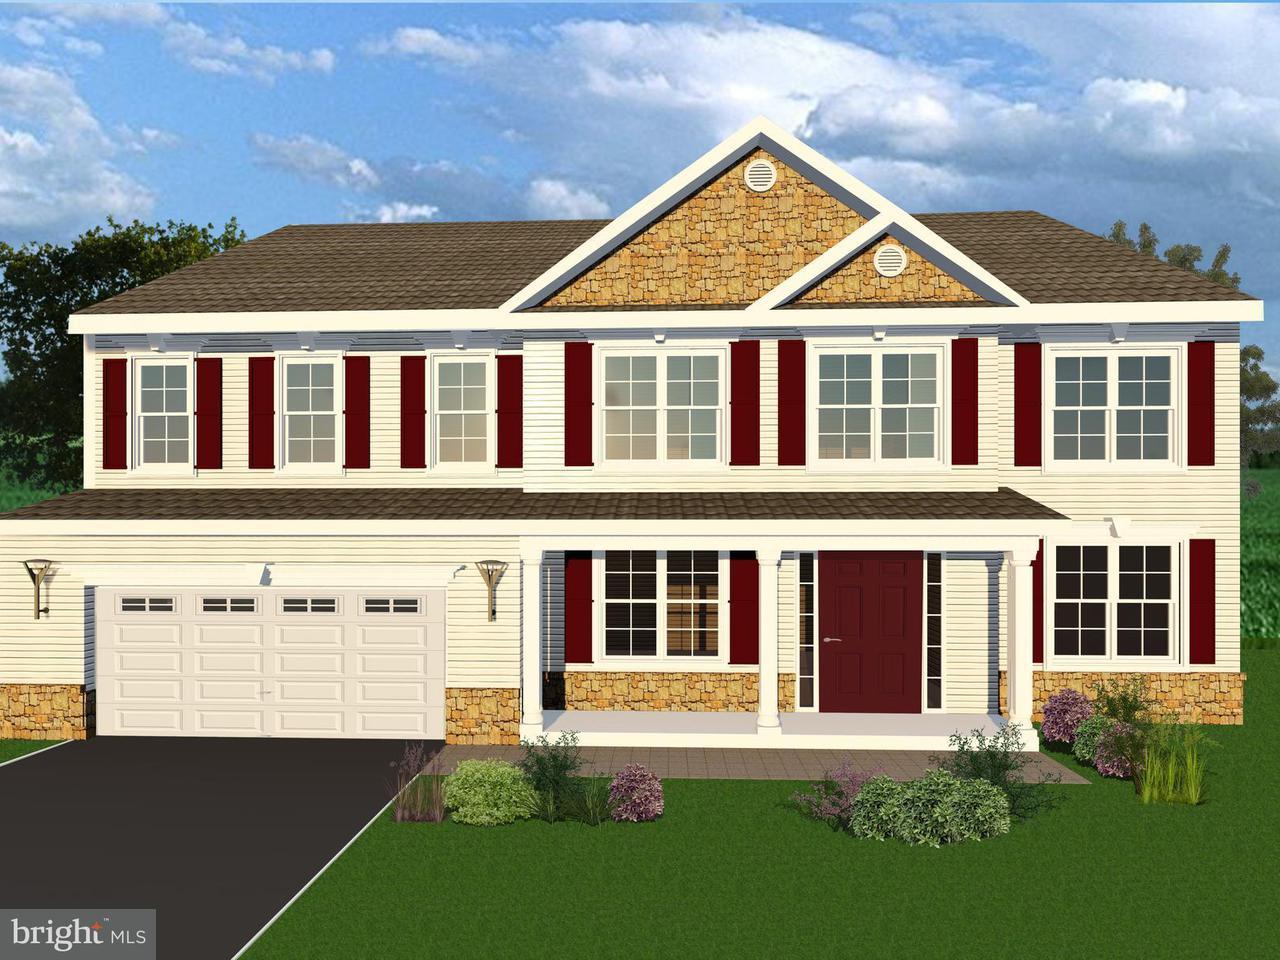 独户住宅 为 销售 在 9312 Snyder Lane 9312 Snyder Lane Perry Hall, 马里兰州 21128 美国